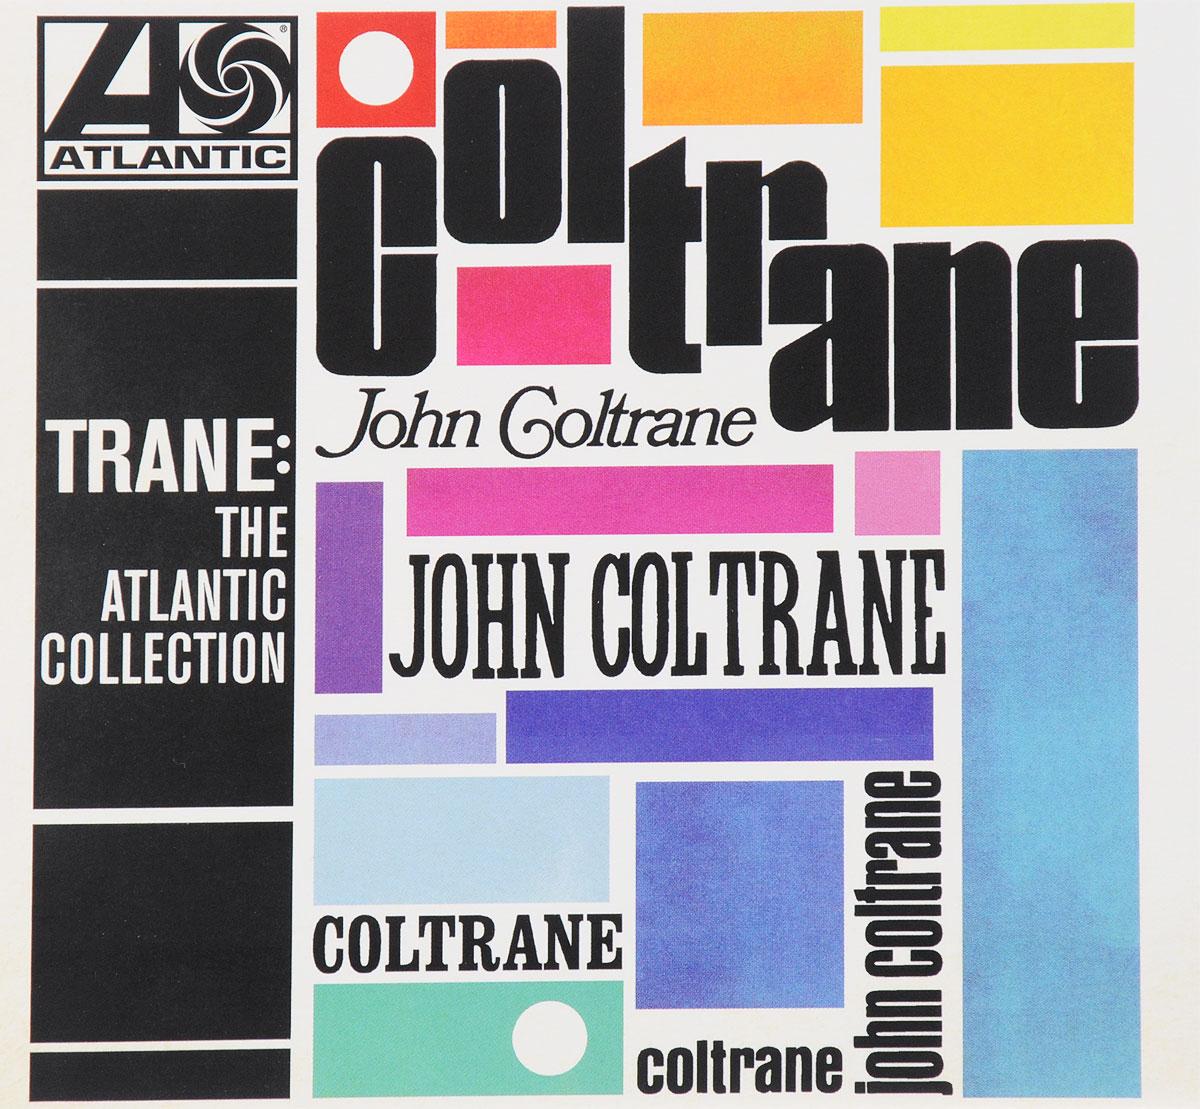 Джон Колтрейн John Coltrane. Trane. The Atlantic Collection джон колтрейн john coltrane giant steps the best of the early years 10 cd